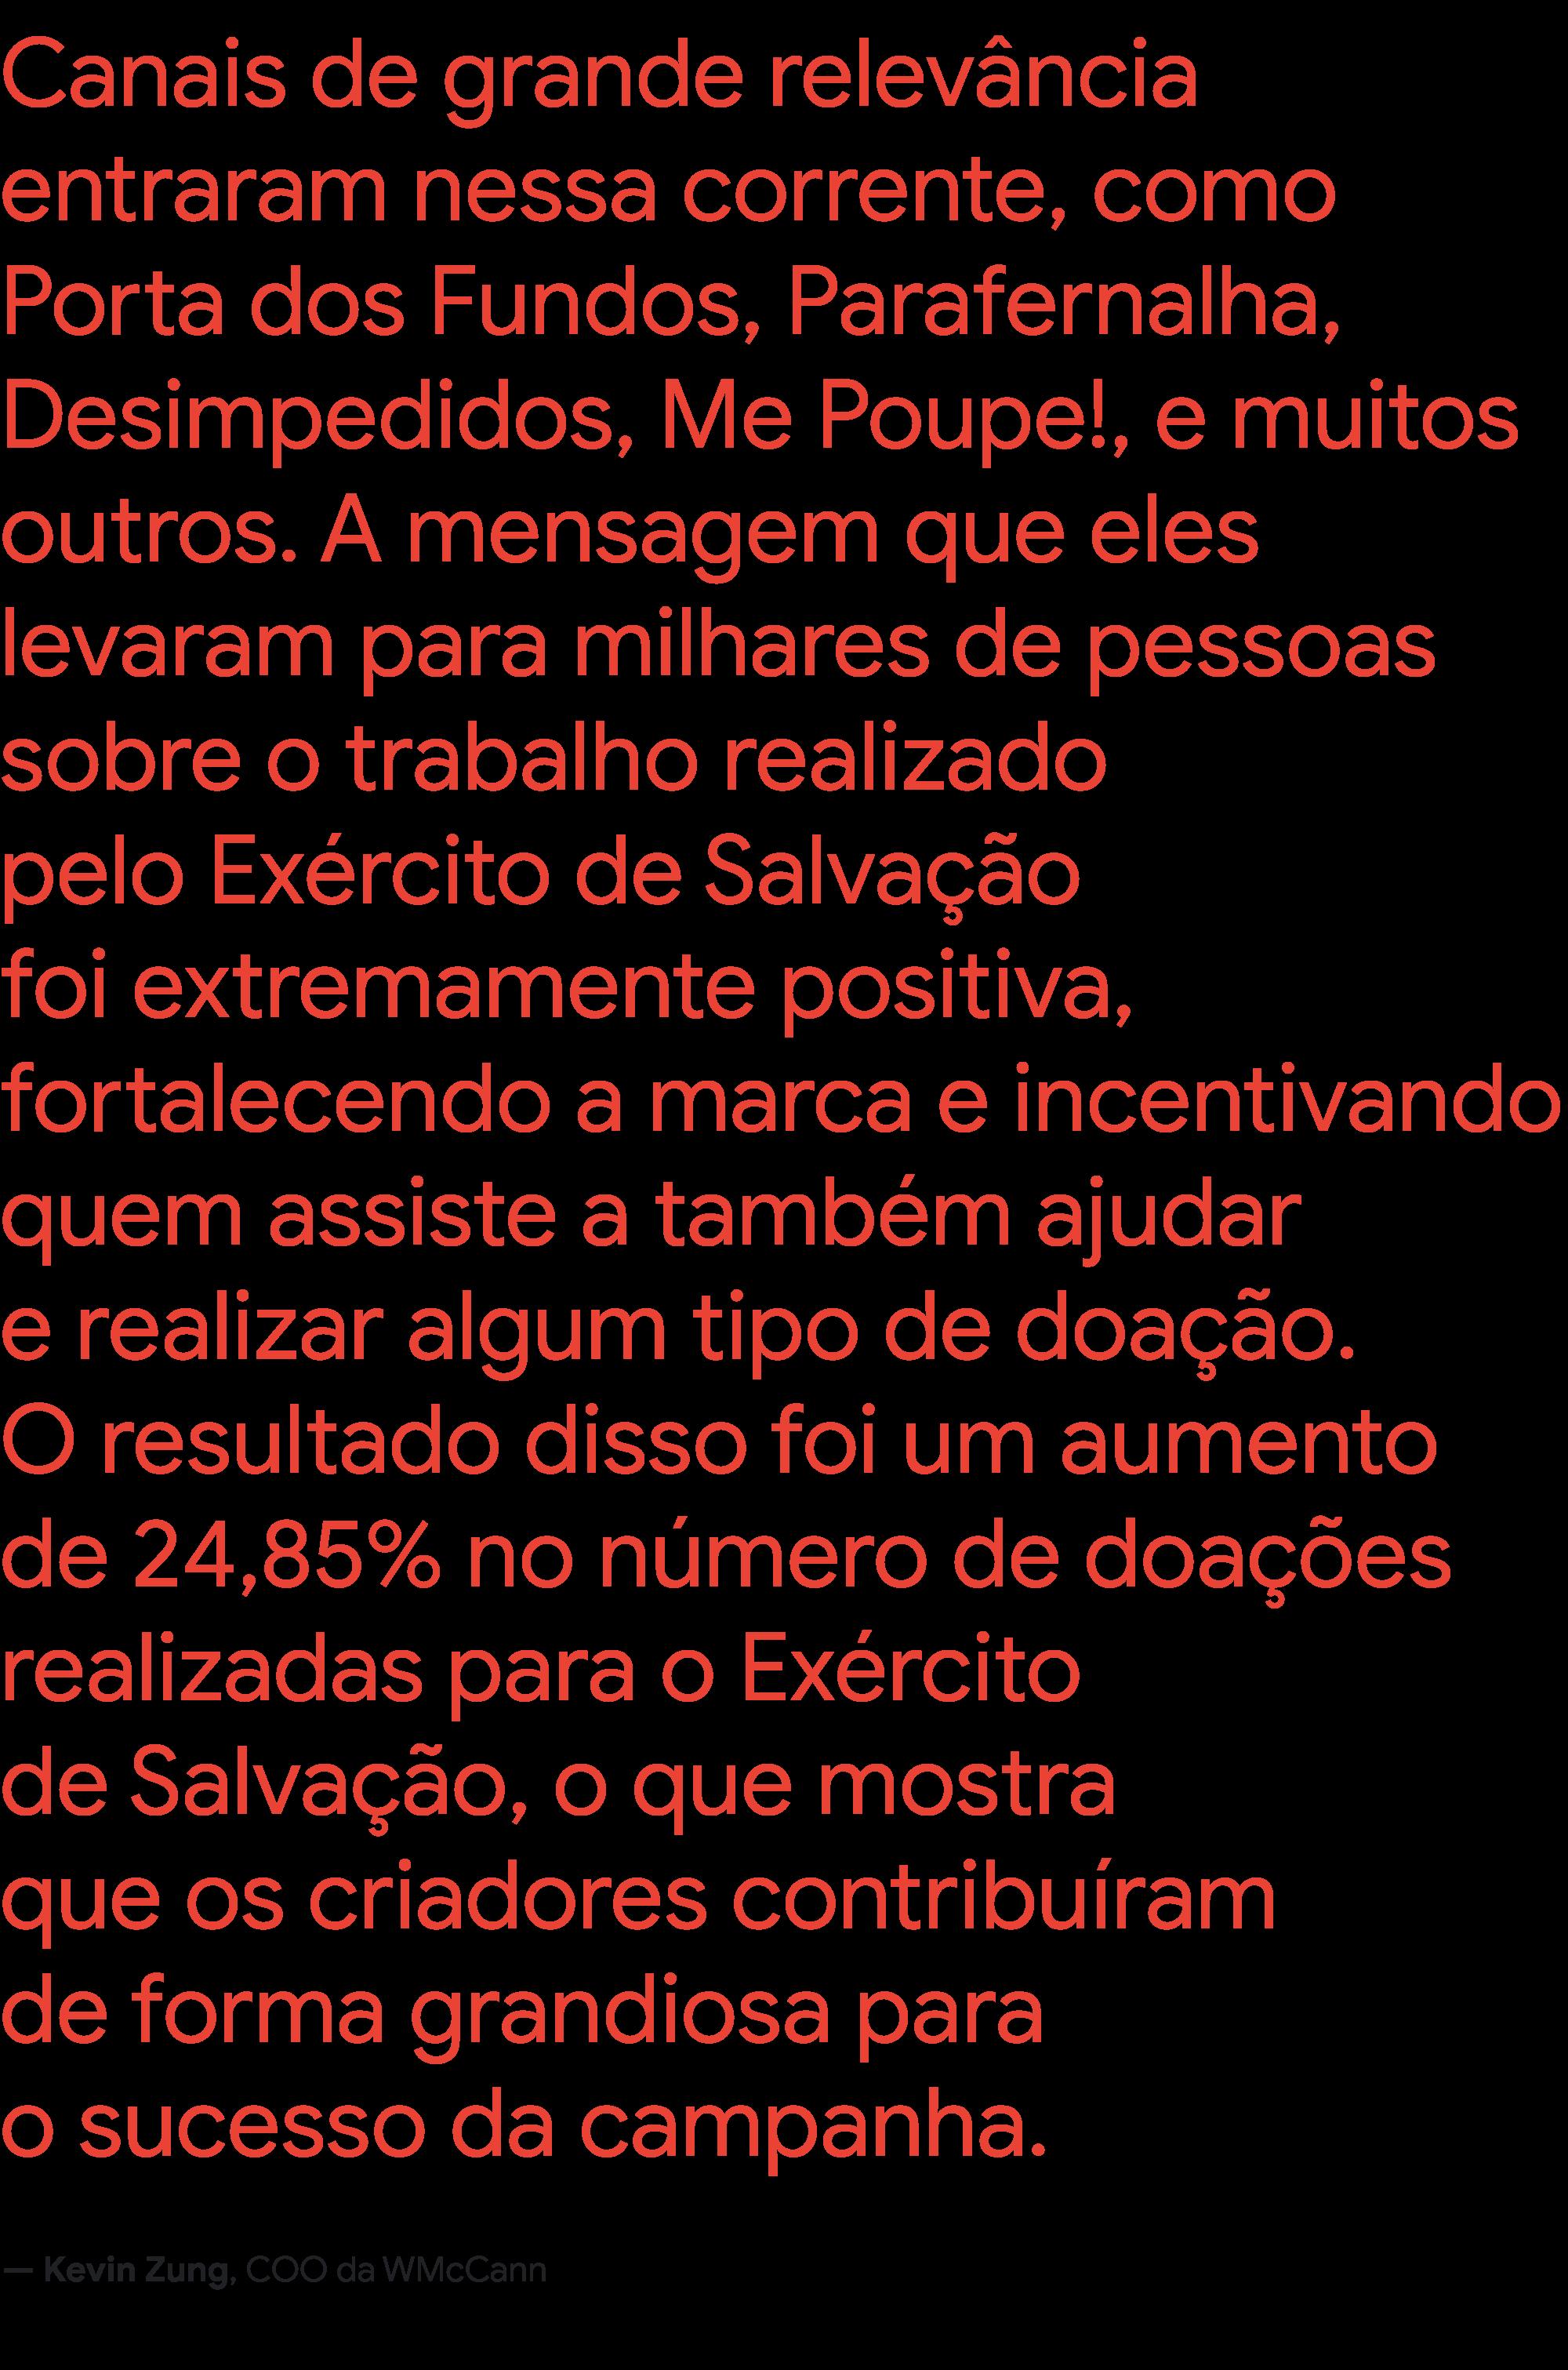 YouTube Works Brasil 2020: como a parceria com criadores é estratégica para gerar bons resultados